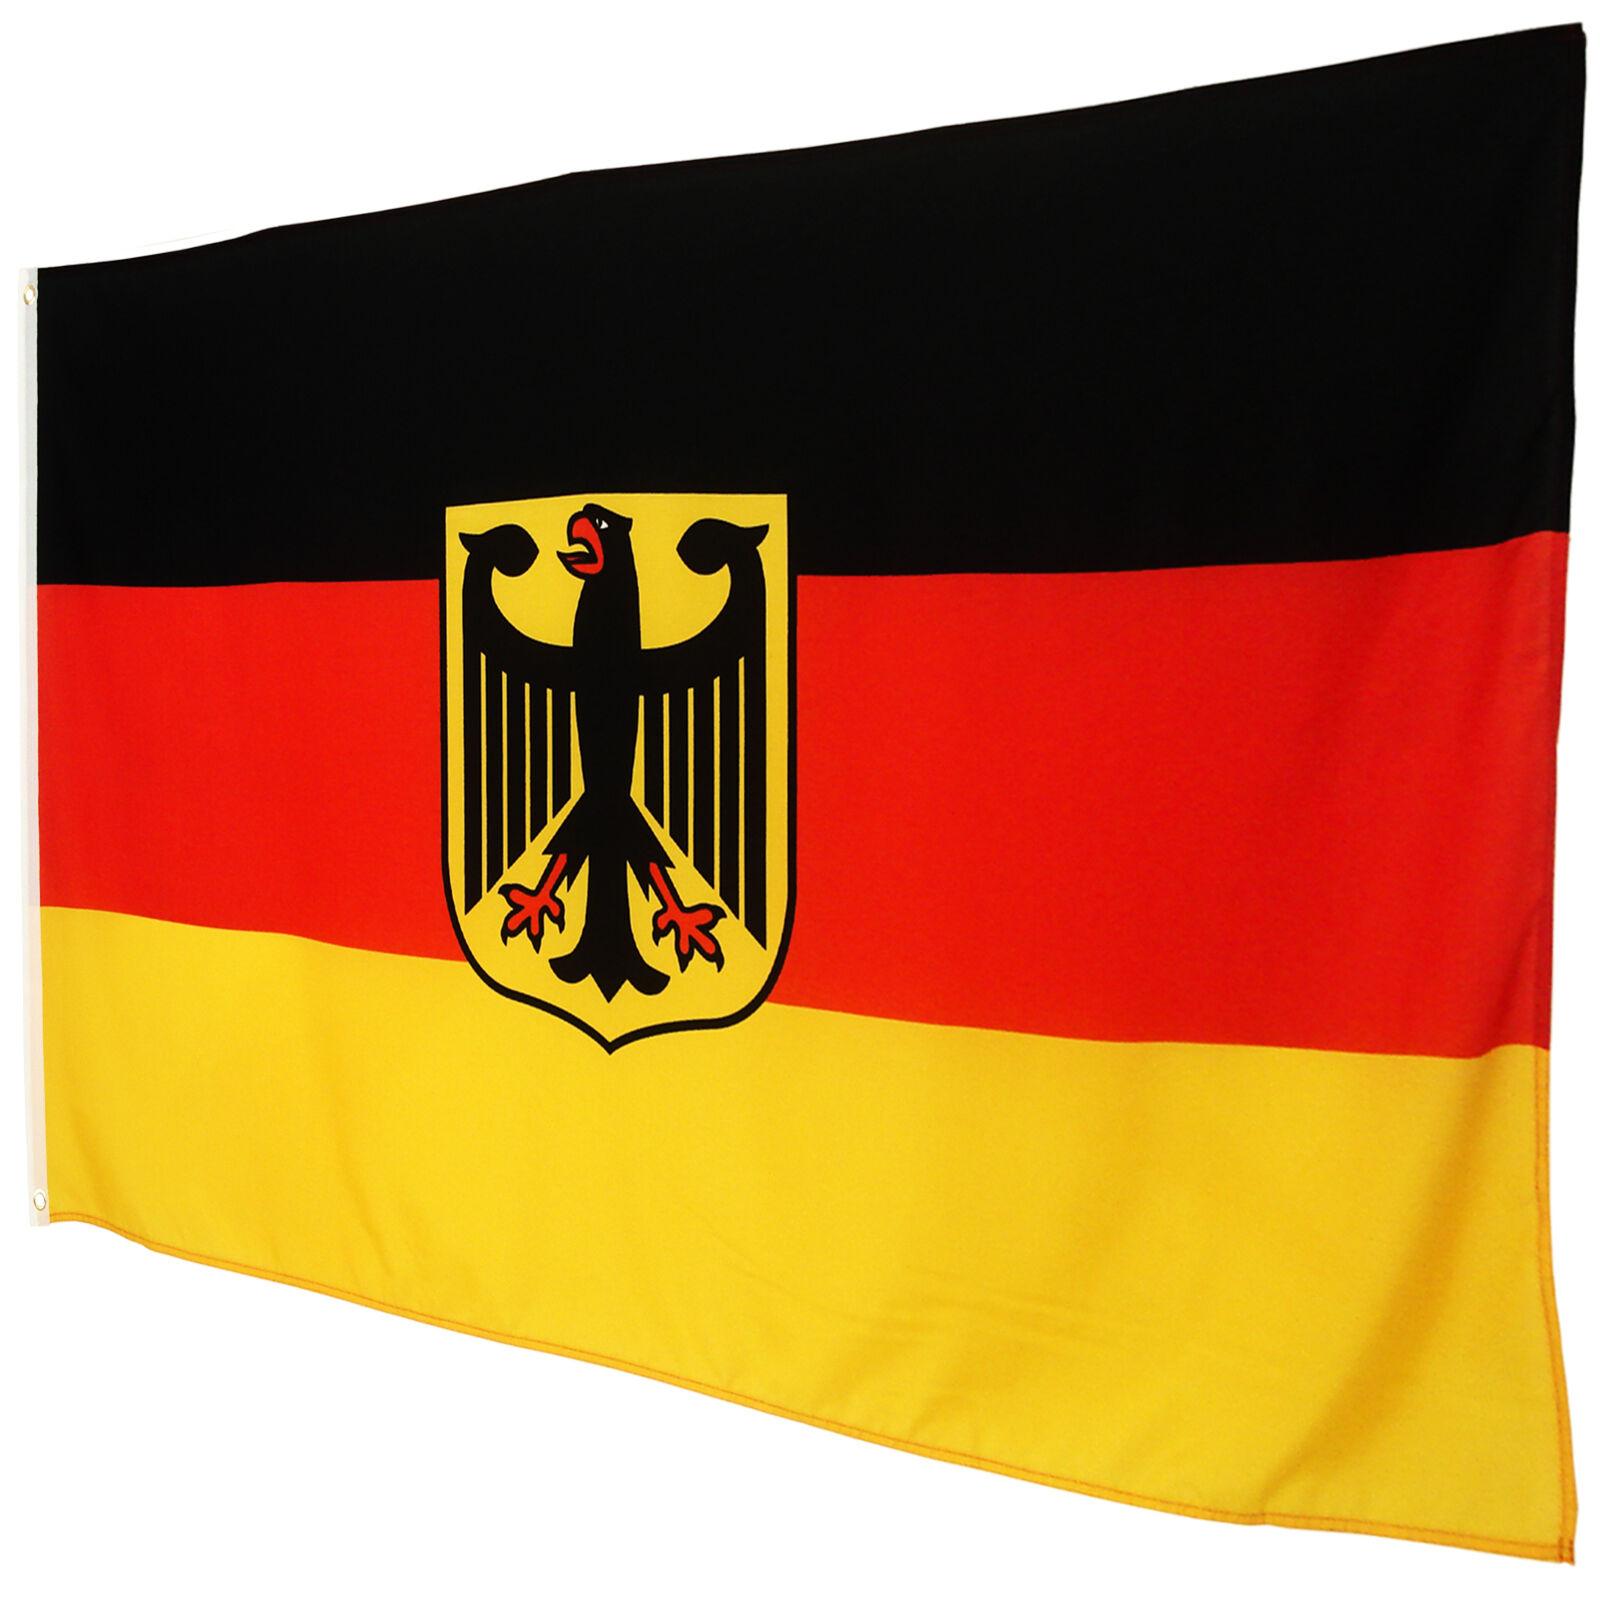 fahne deutschland mit adler 90 x 150 cm deutsche hiss flagge nationalflagge brd eur 3 45. Black Bedroom Furniture Sets. Home Design Ideas